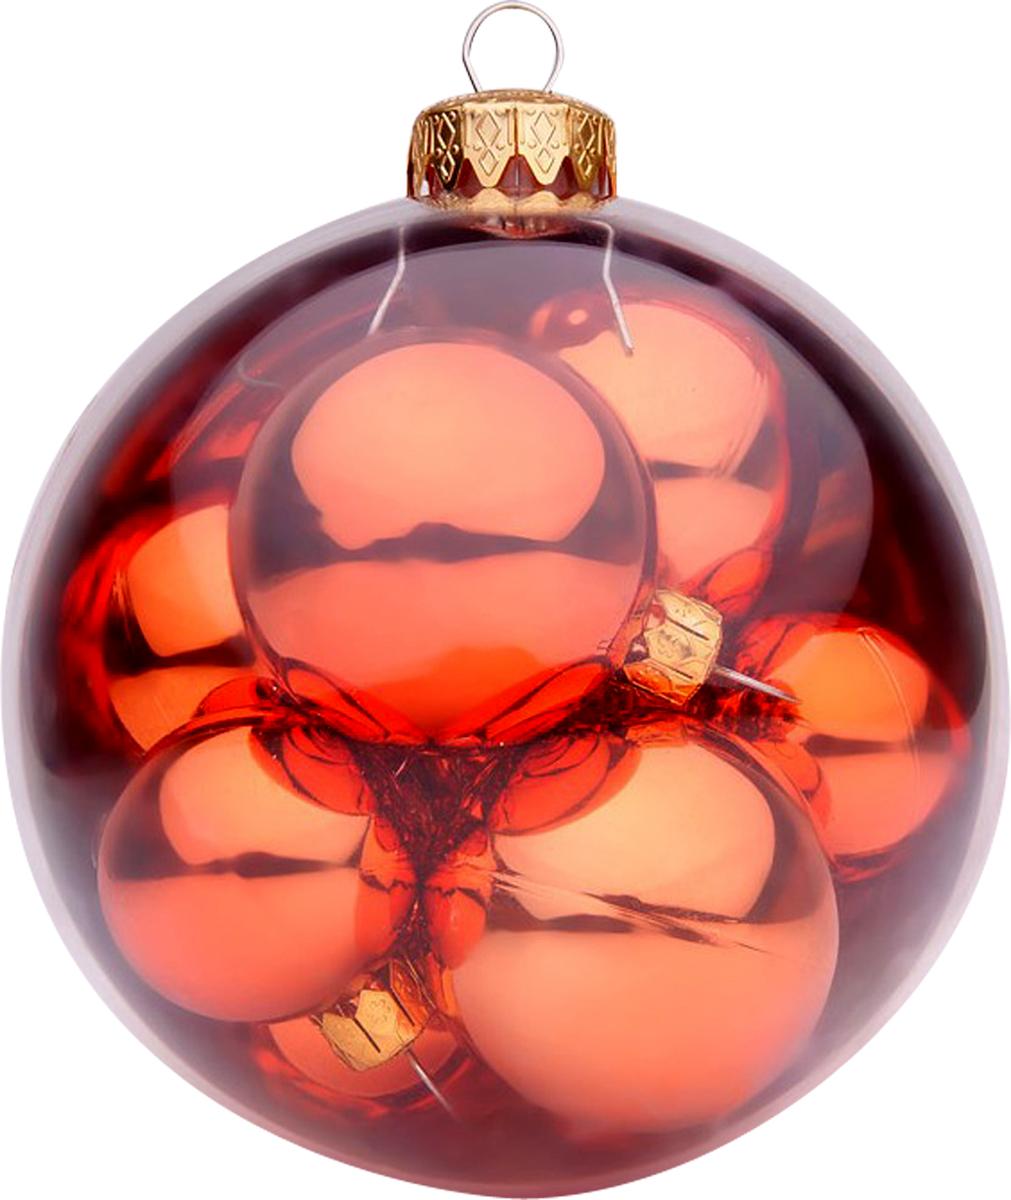 Украшение новогоднее подвесное Mister Christmas, 9 штBC-IB-R-100Новогоднее подвесное украшение Mister Christmas прекрасно подойдет для праздничного декора новогодней ели. Украшение представляет собой большой шар, в котором расположены новогодние шарики поменьше. Для удобного размещения на елке предусмотрена петелька. Елочная игрушка - символ Нового года. Она несет в себе волшебство и красоту праздника. Создайте в своем доме атмосферу веселья и радости, украшая новогоднюю елку нарядными игрушками, которые будут из года в год накапливать теплоту воспоминаний.